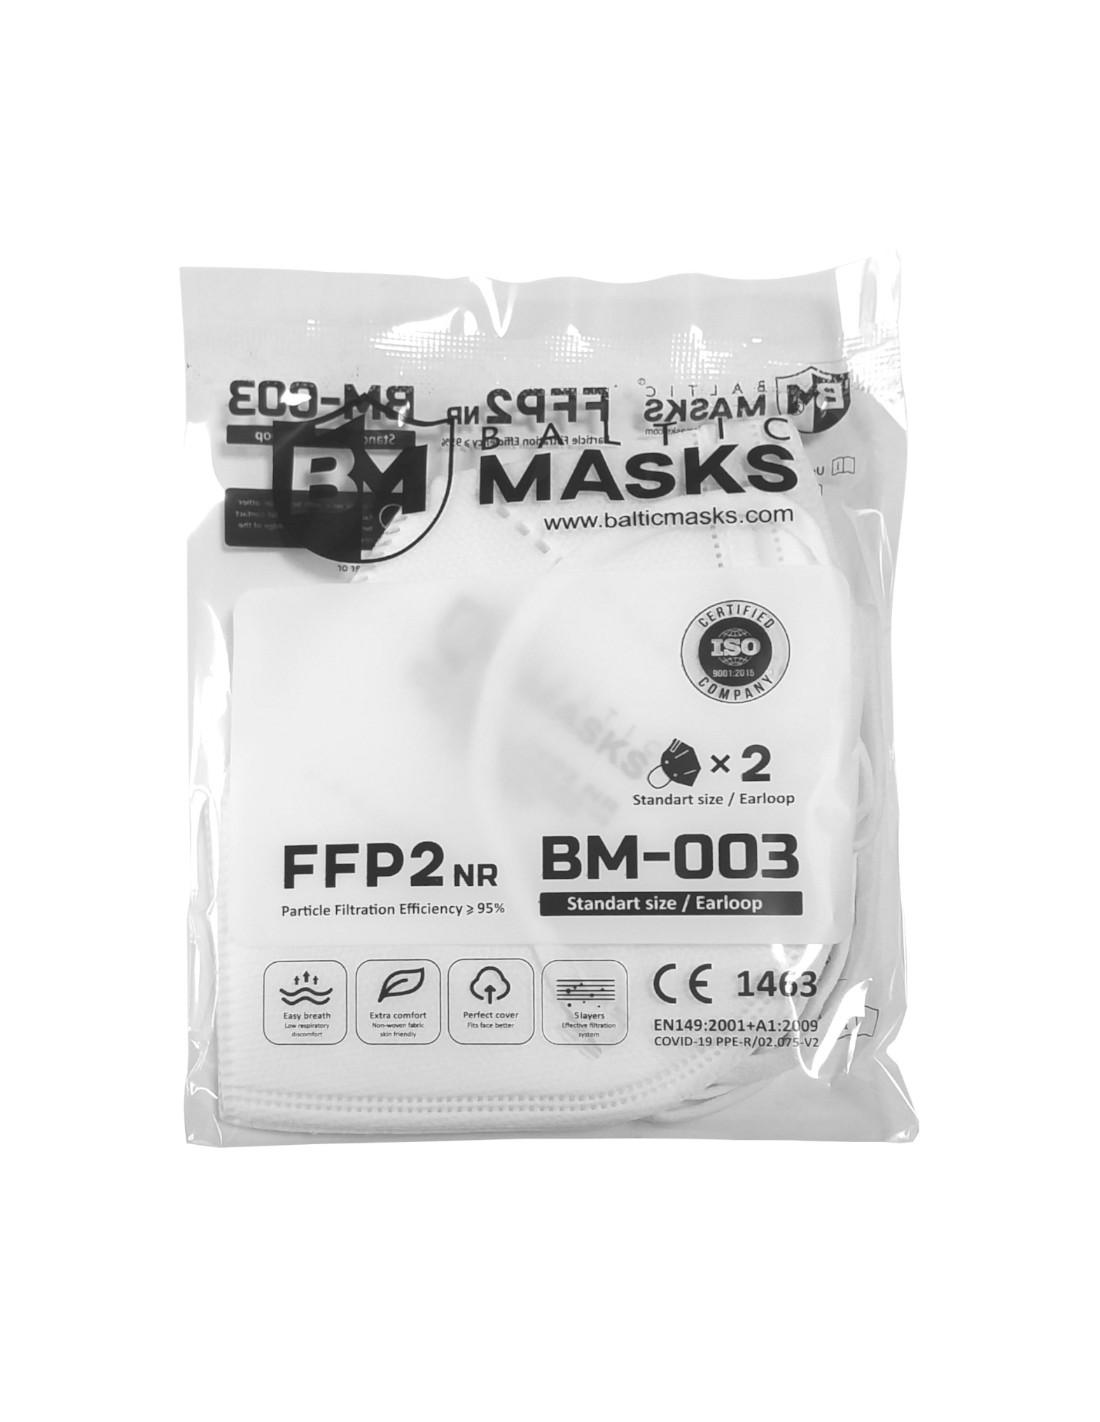 PÓŁMASKI FILTRUJĄCE FFP2 BM-003 2SZTUKI